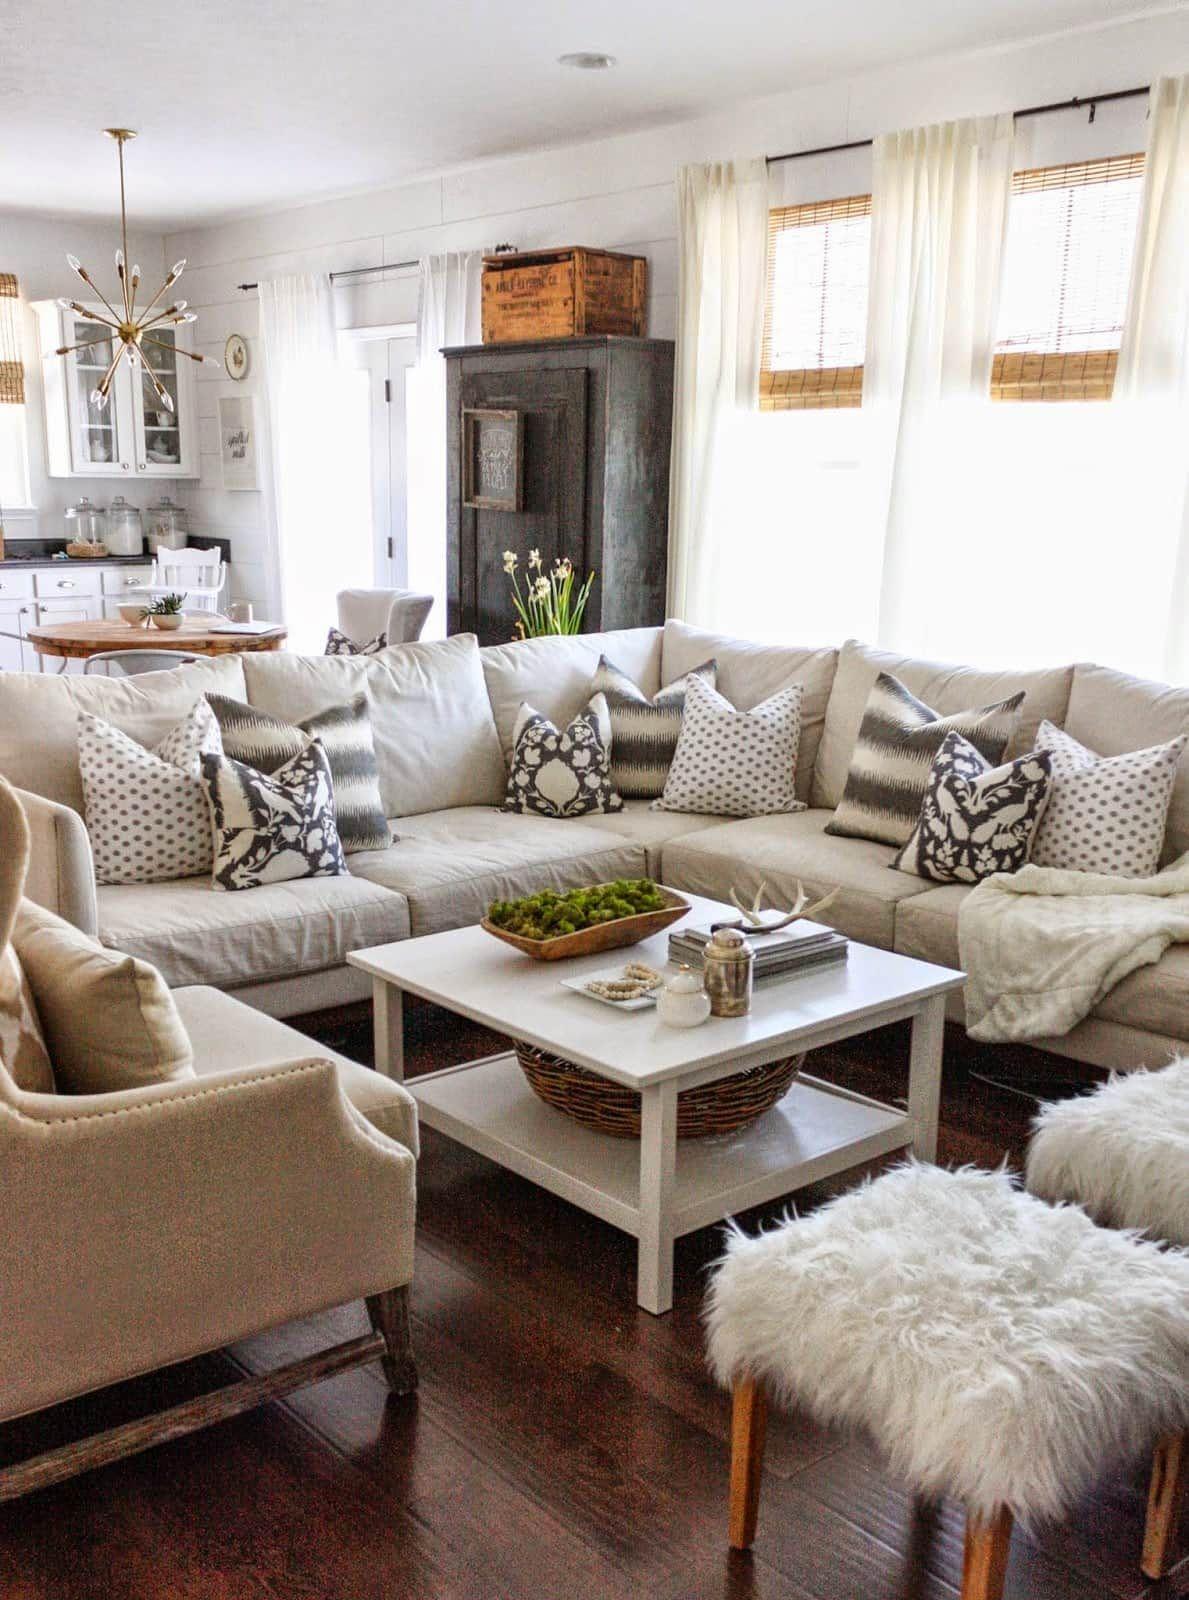 schöne Wohnzimmer Dekor und Design-Ideen | Pinterest | Room decor ...